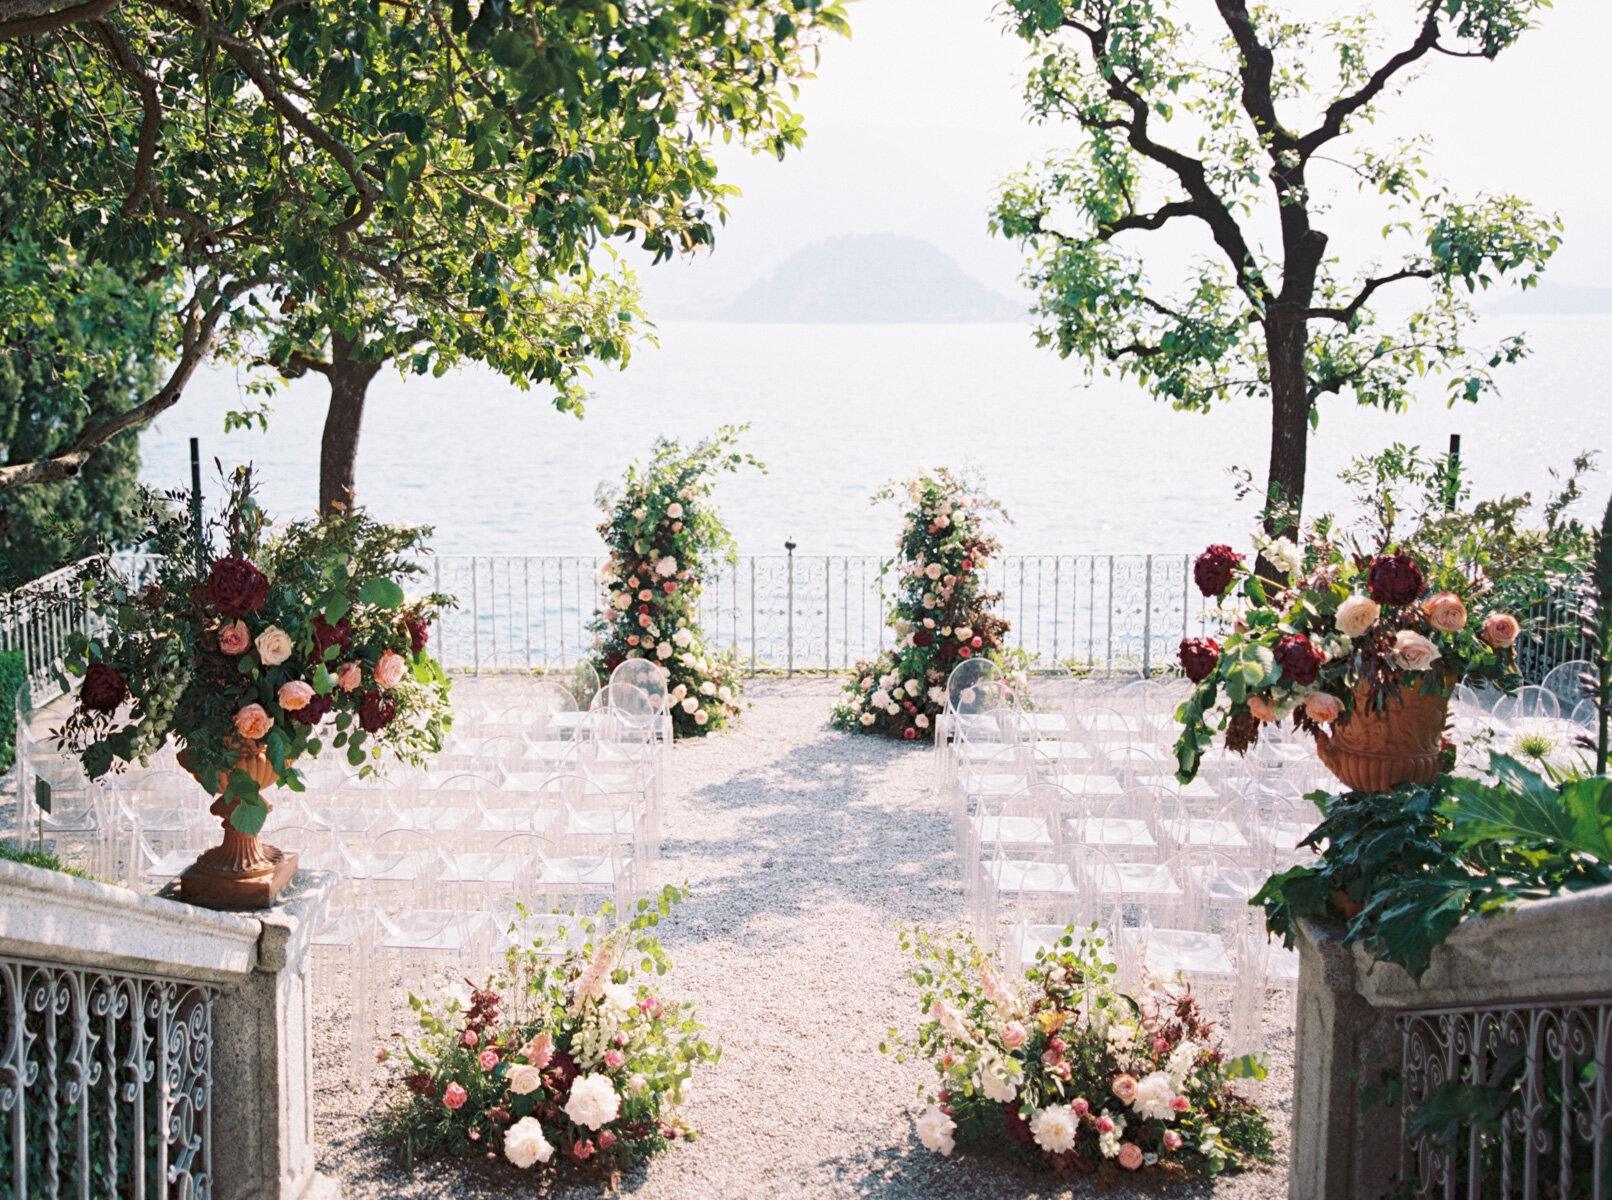 Lake-Como-Villa-Cipressi-Wedding-Katie-Grant-destination-wedding (46 of 93).jpg